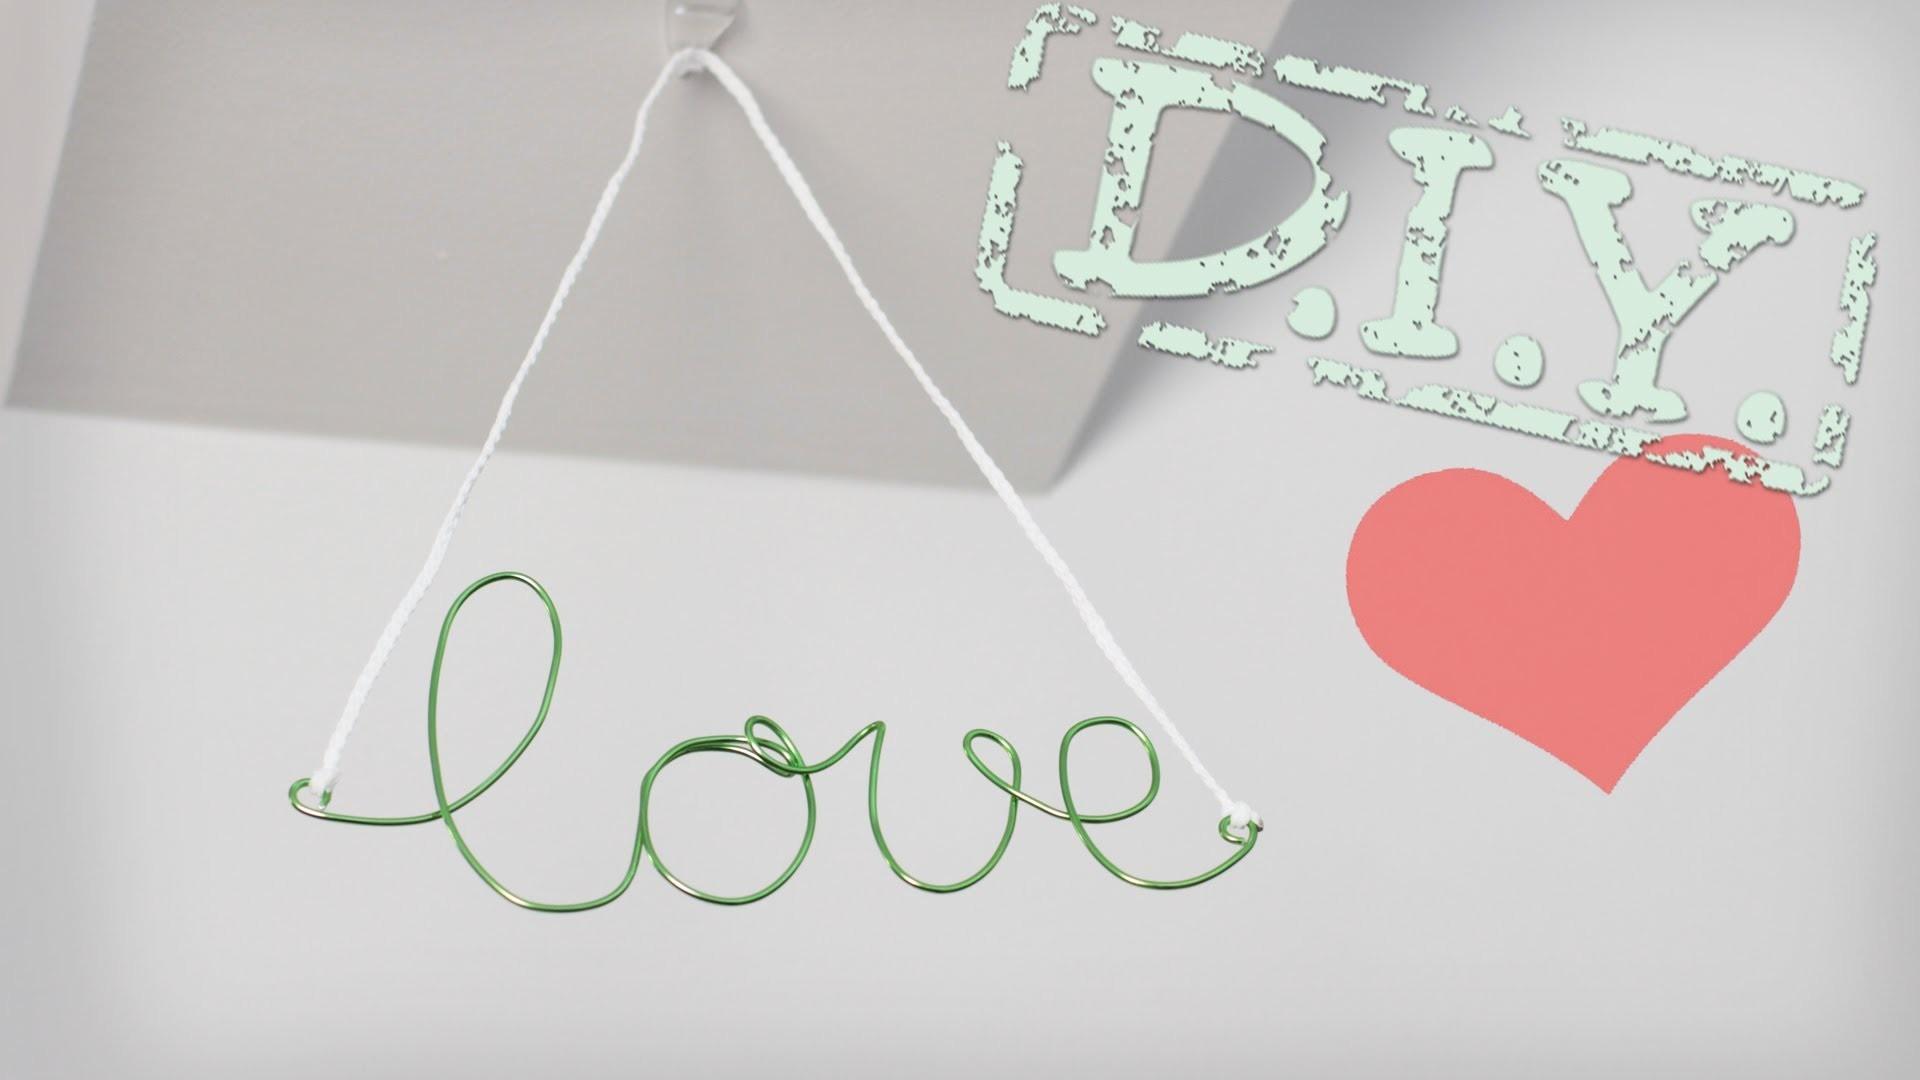 DIY Draht Deko für Wohnung - auch ohne Werkzeug - love, happy, hallo - Schriftzüge